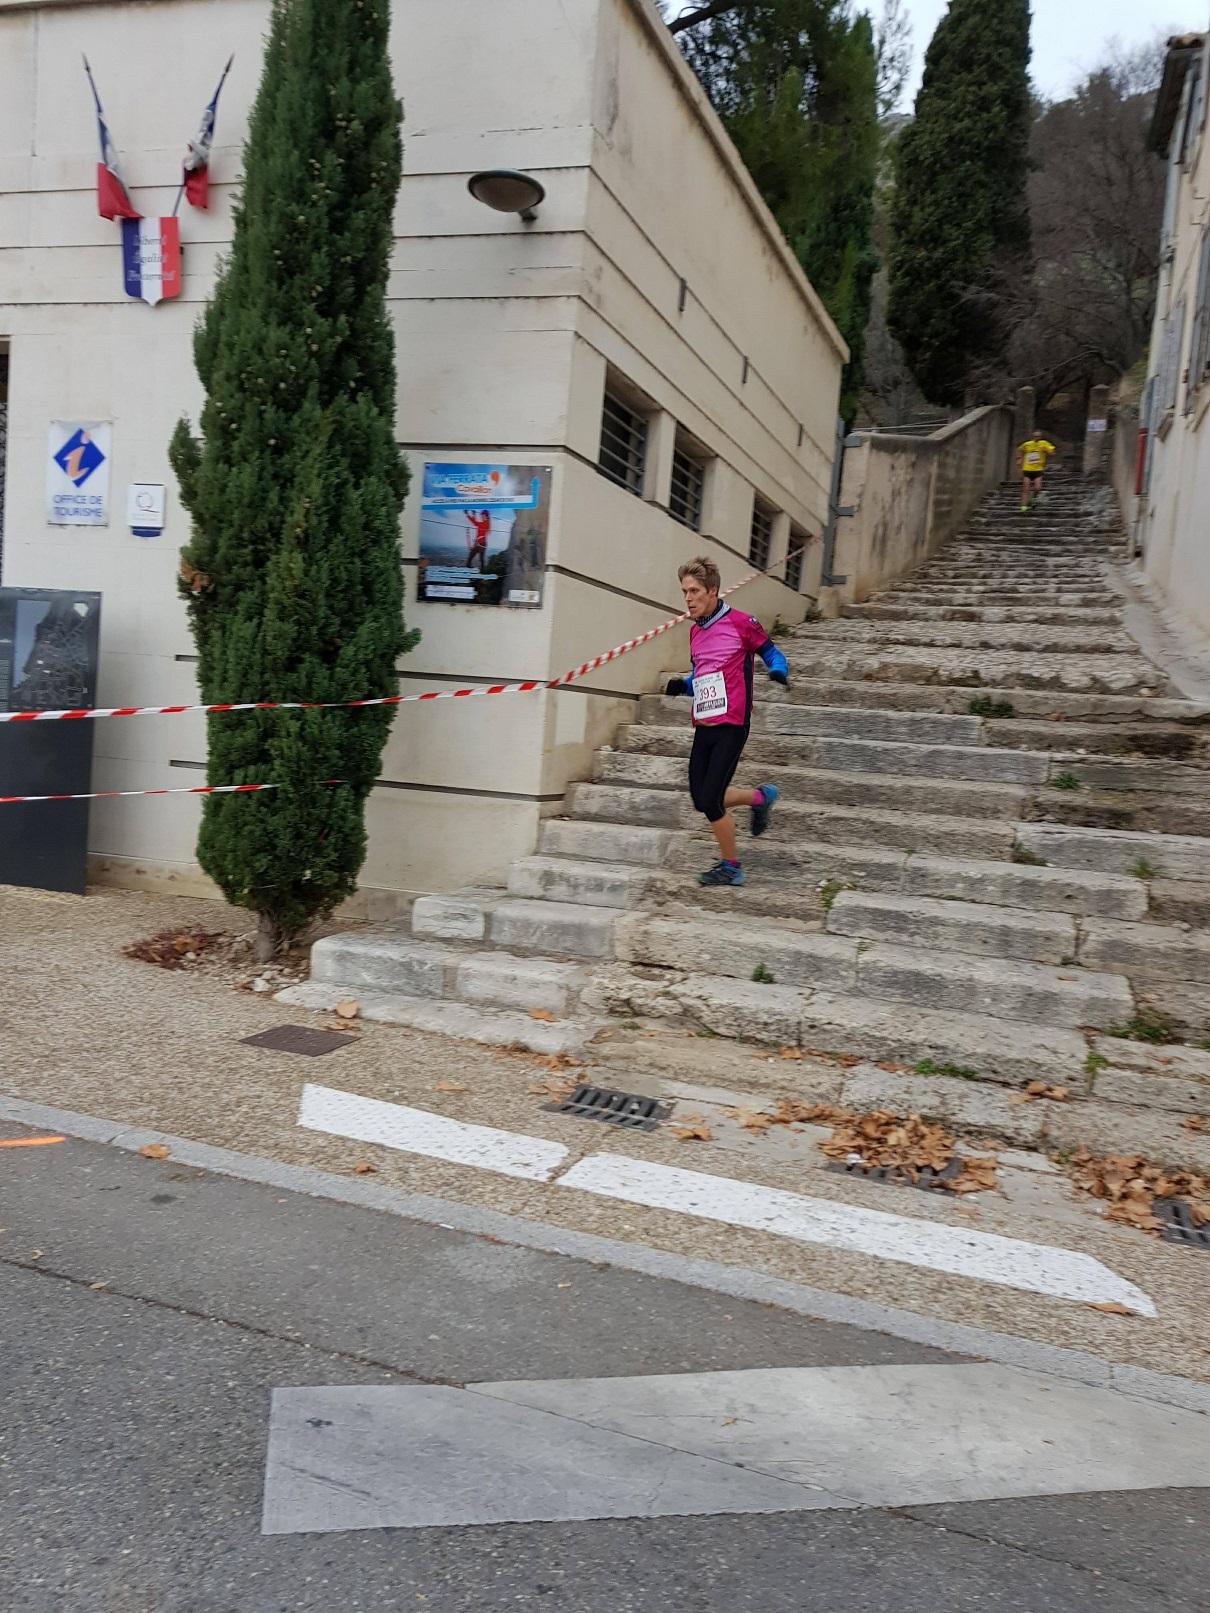 26-Ceux du long en finissent déjà, voici le Blond à balle sur les marches..